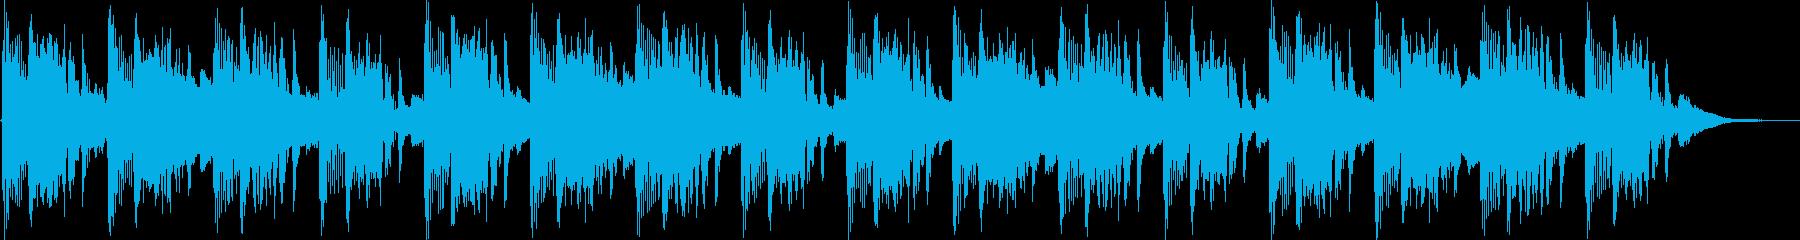 シンプルなドラムンベースの再生済みの波形